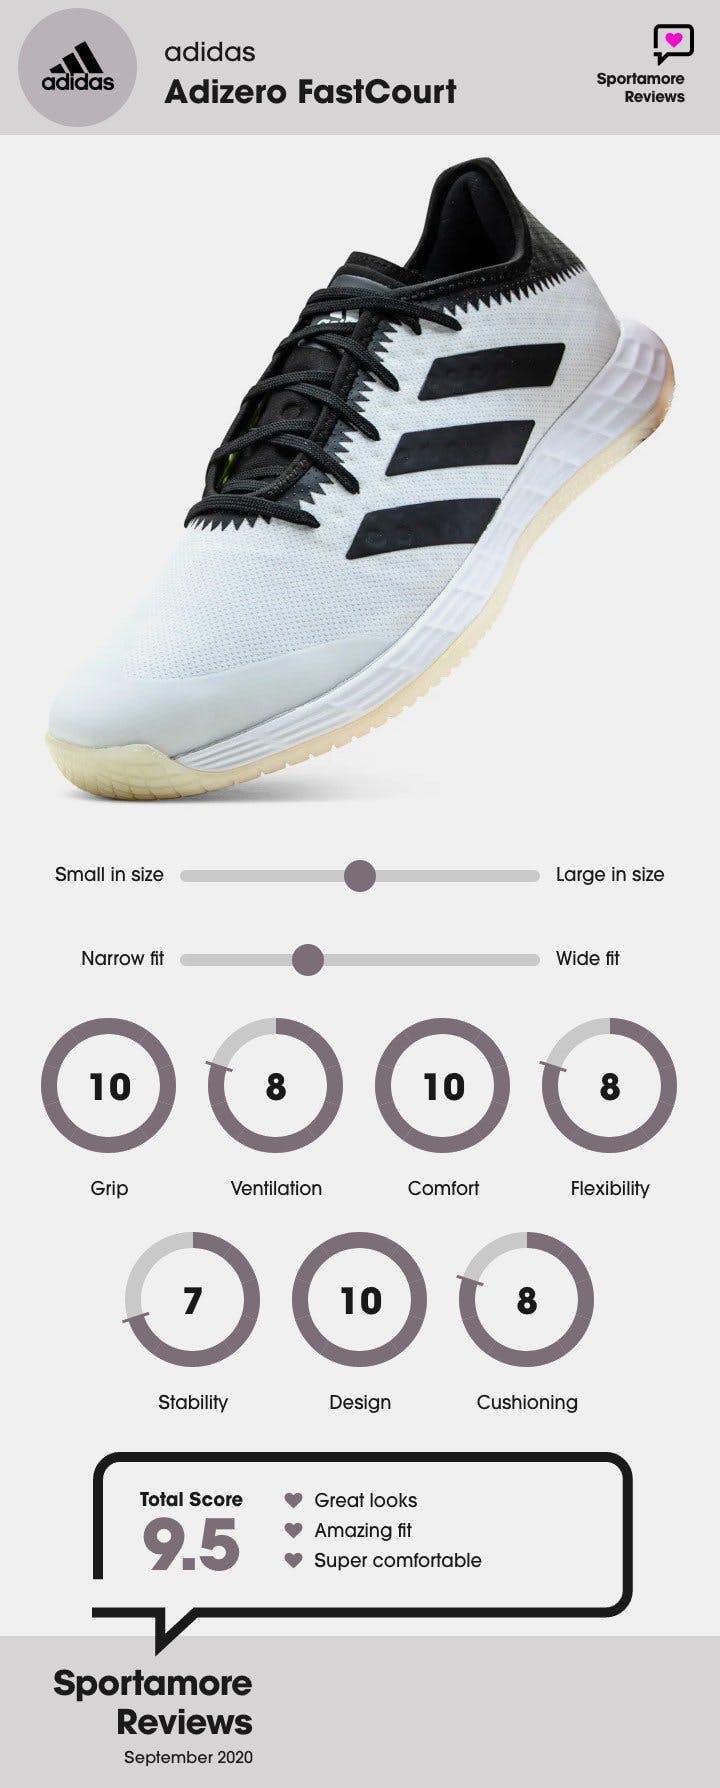 Herr - adidas - Adizero FastCourt.jpg